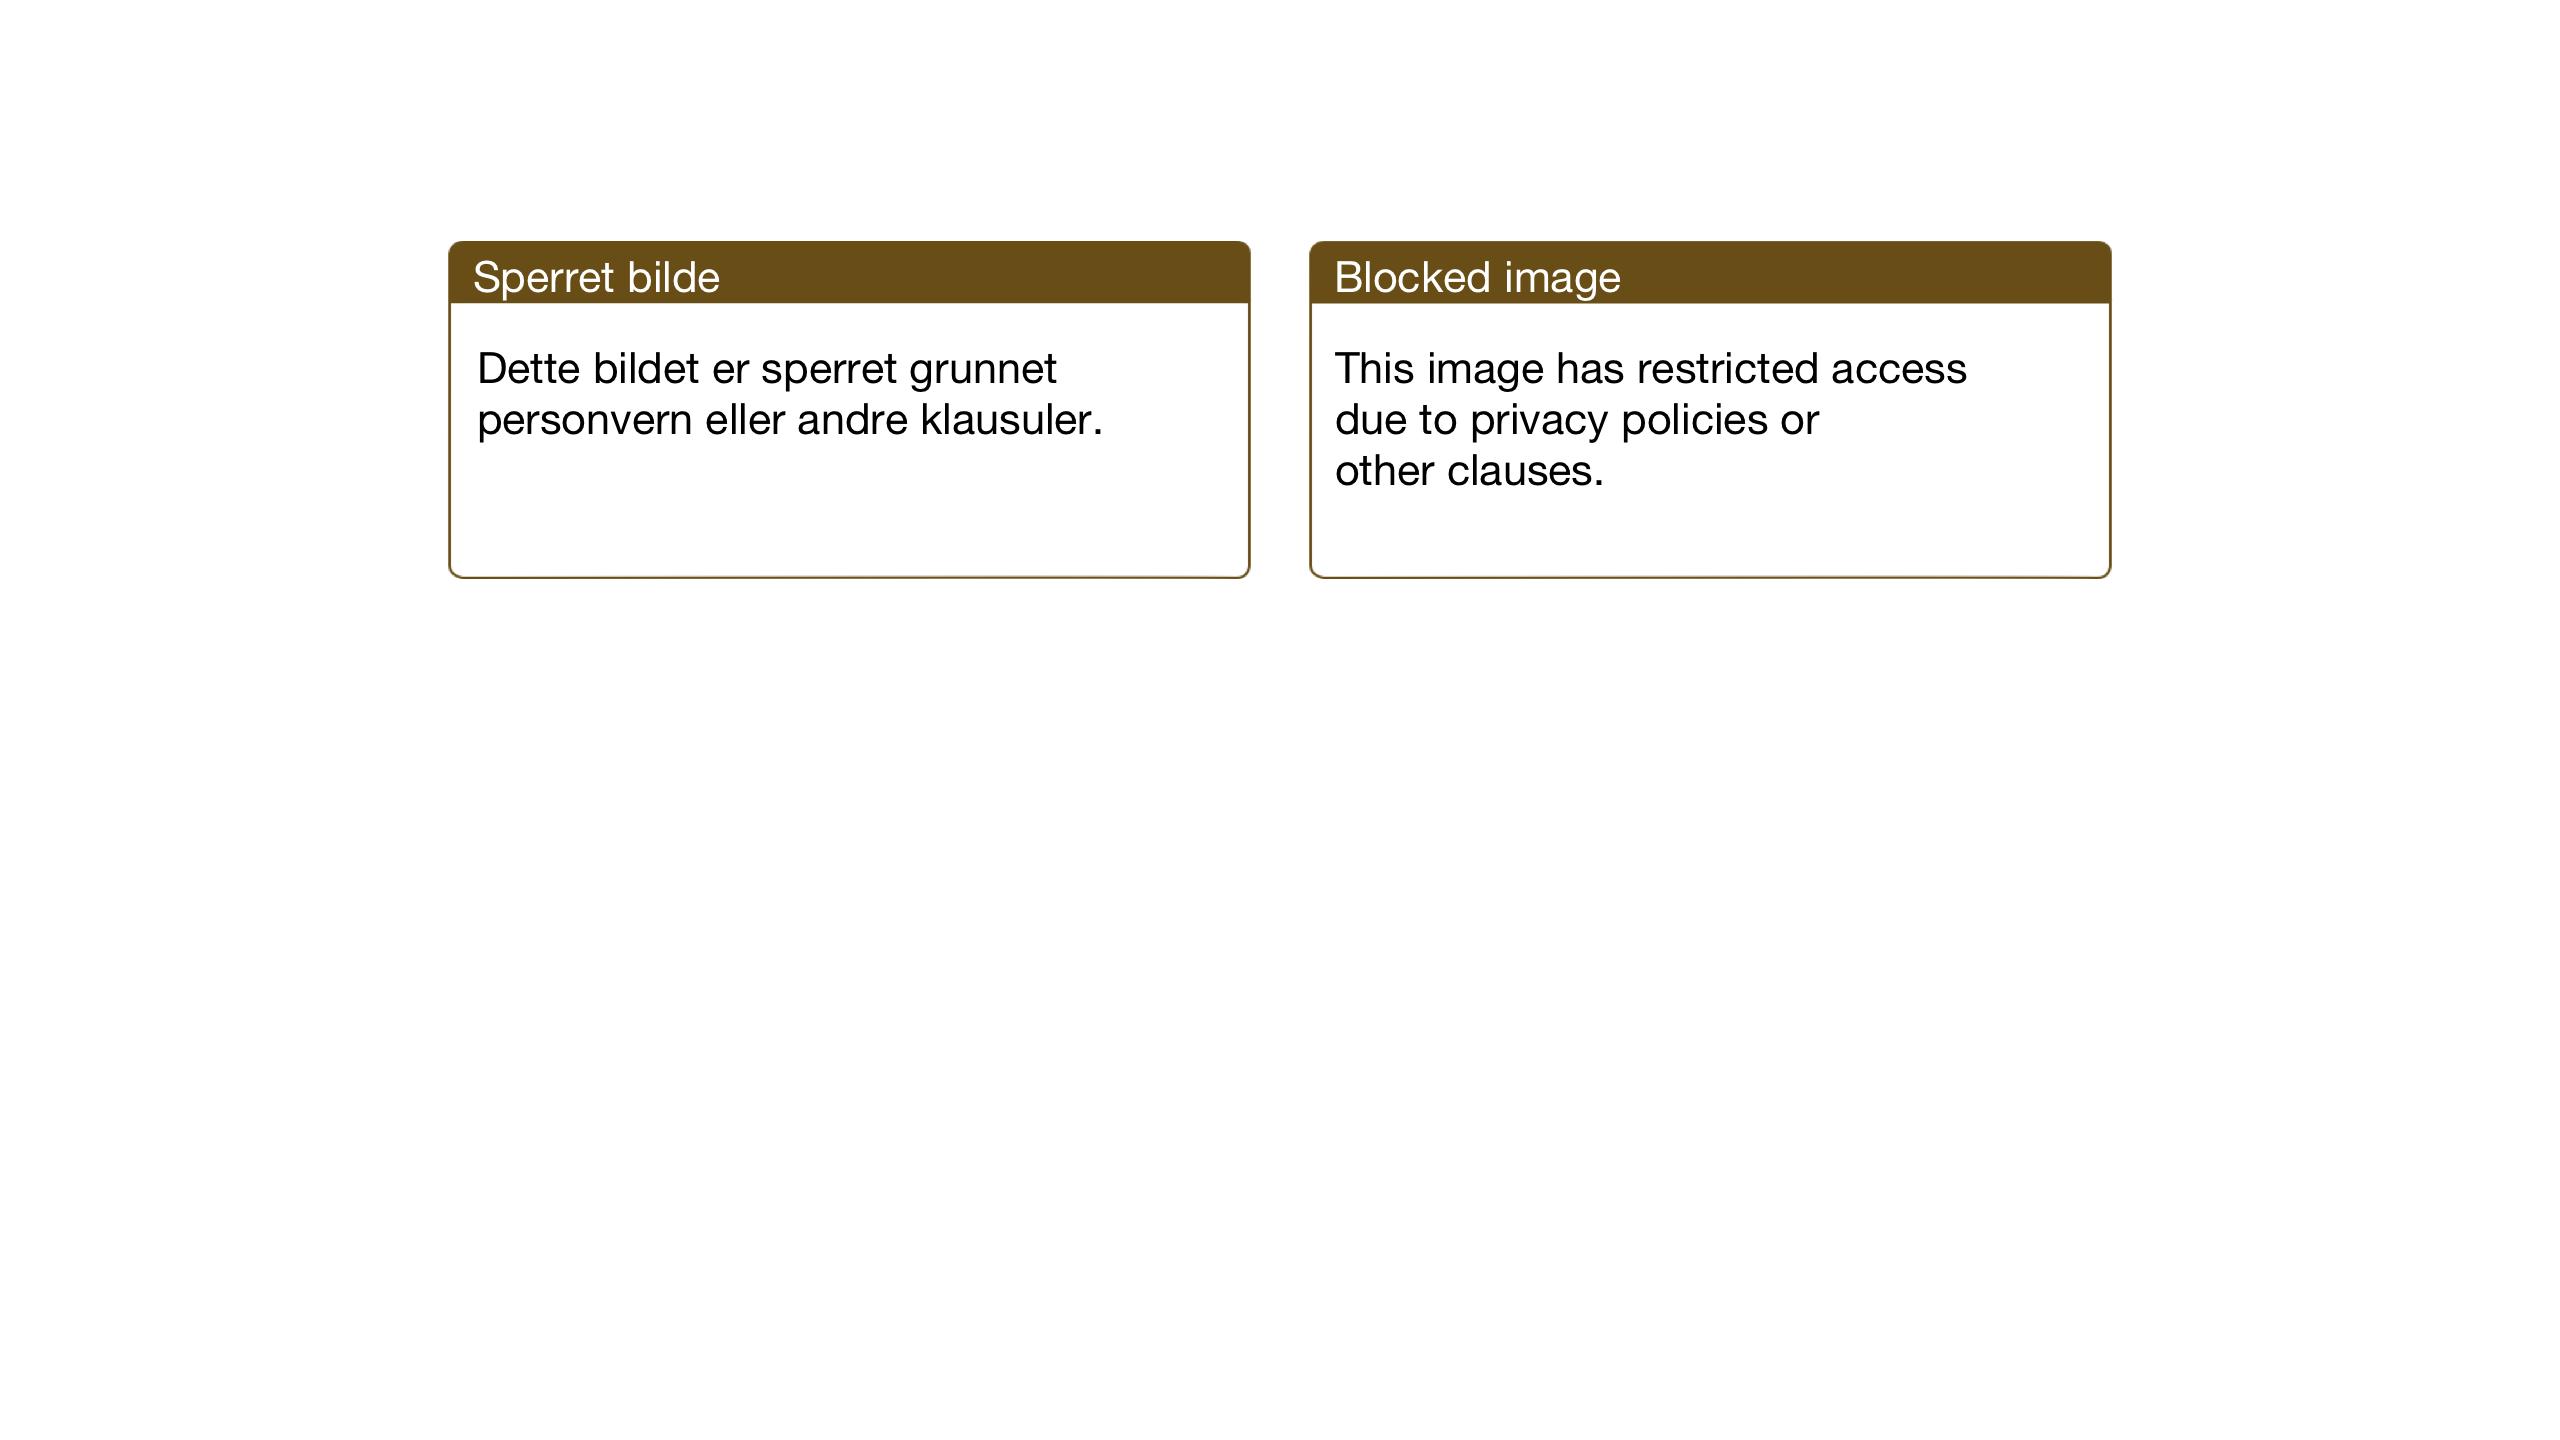 SAT, Ministerialprotokoller, klokkerbøker og fødselsregistre - Sør-Trøndelag, 682/L0947: Klokkerbok nr. 682C01, 1926-1968, s. 46